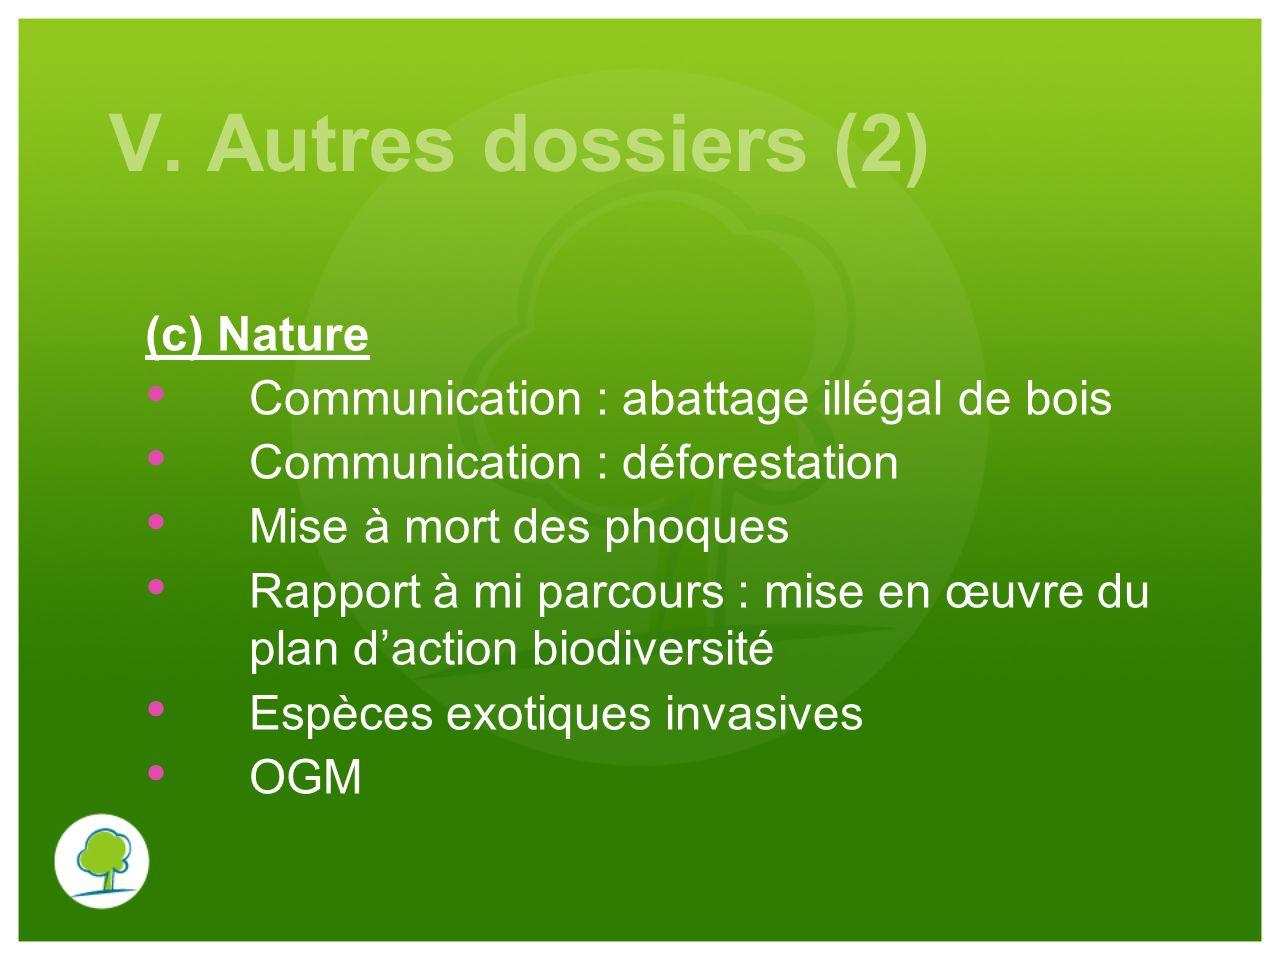 V. Autres dossiers (2) (c) Nature Communication : abattage illégal de bois Communication : déforestation Mise à mort des phoques Rapport à mi parcours